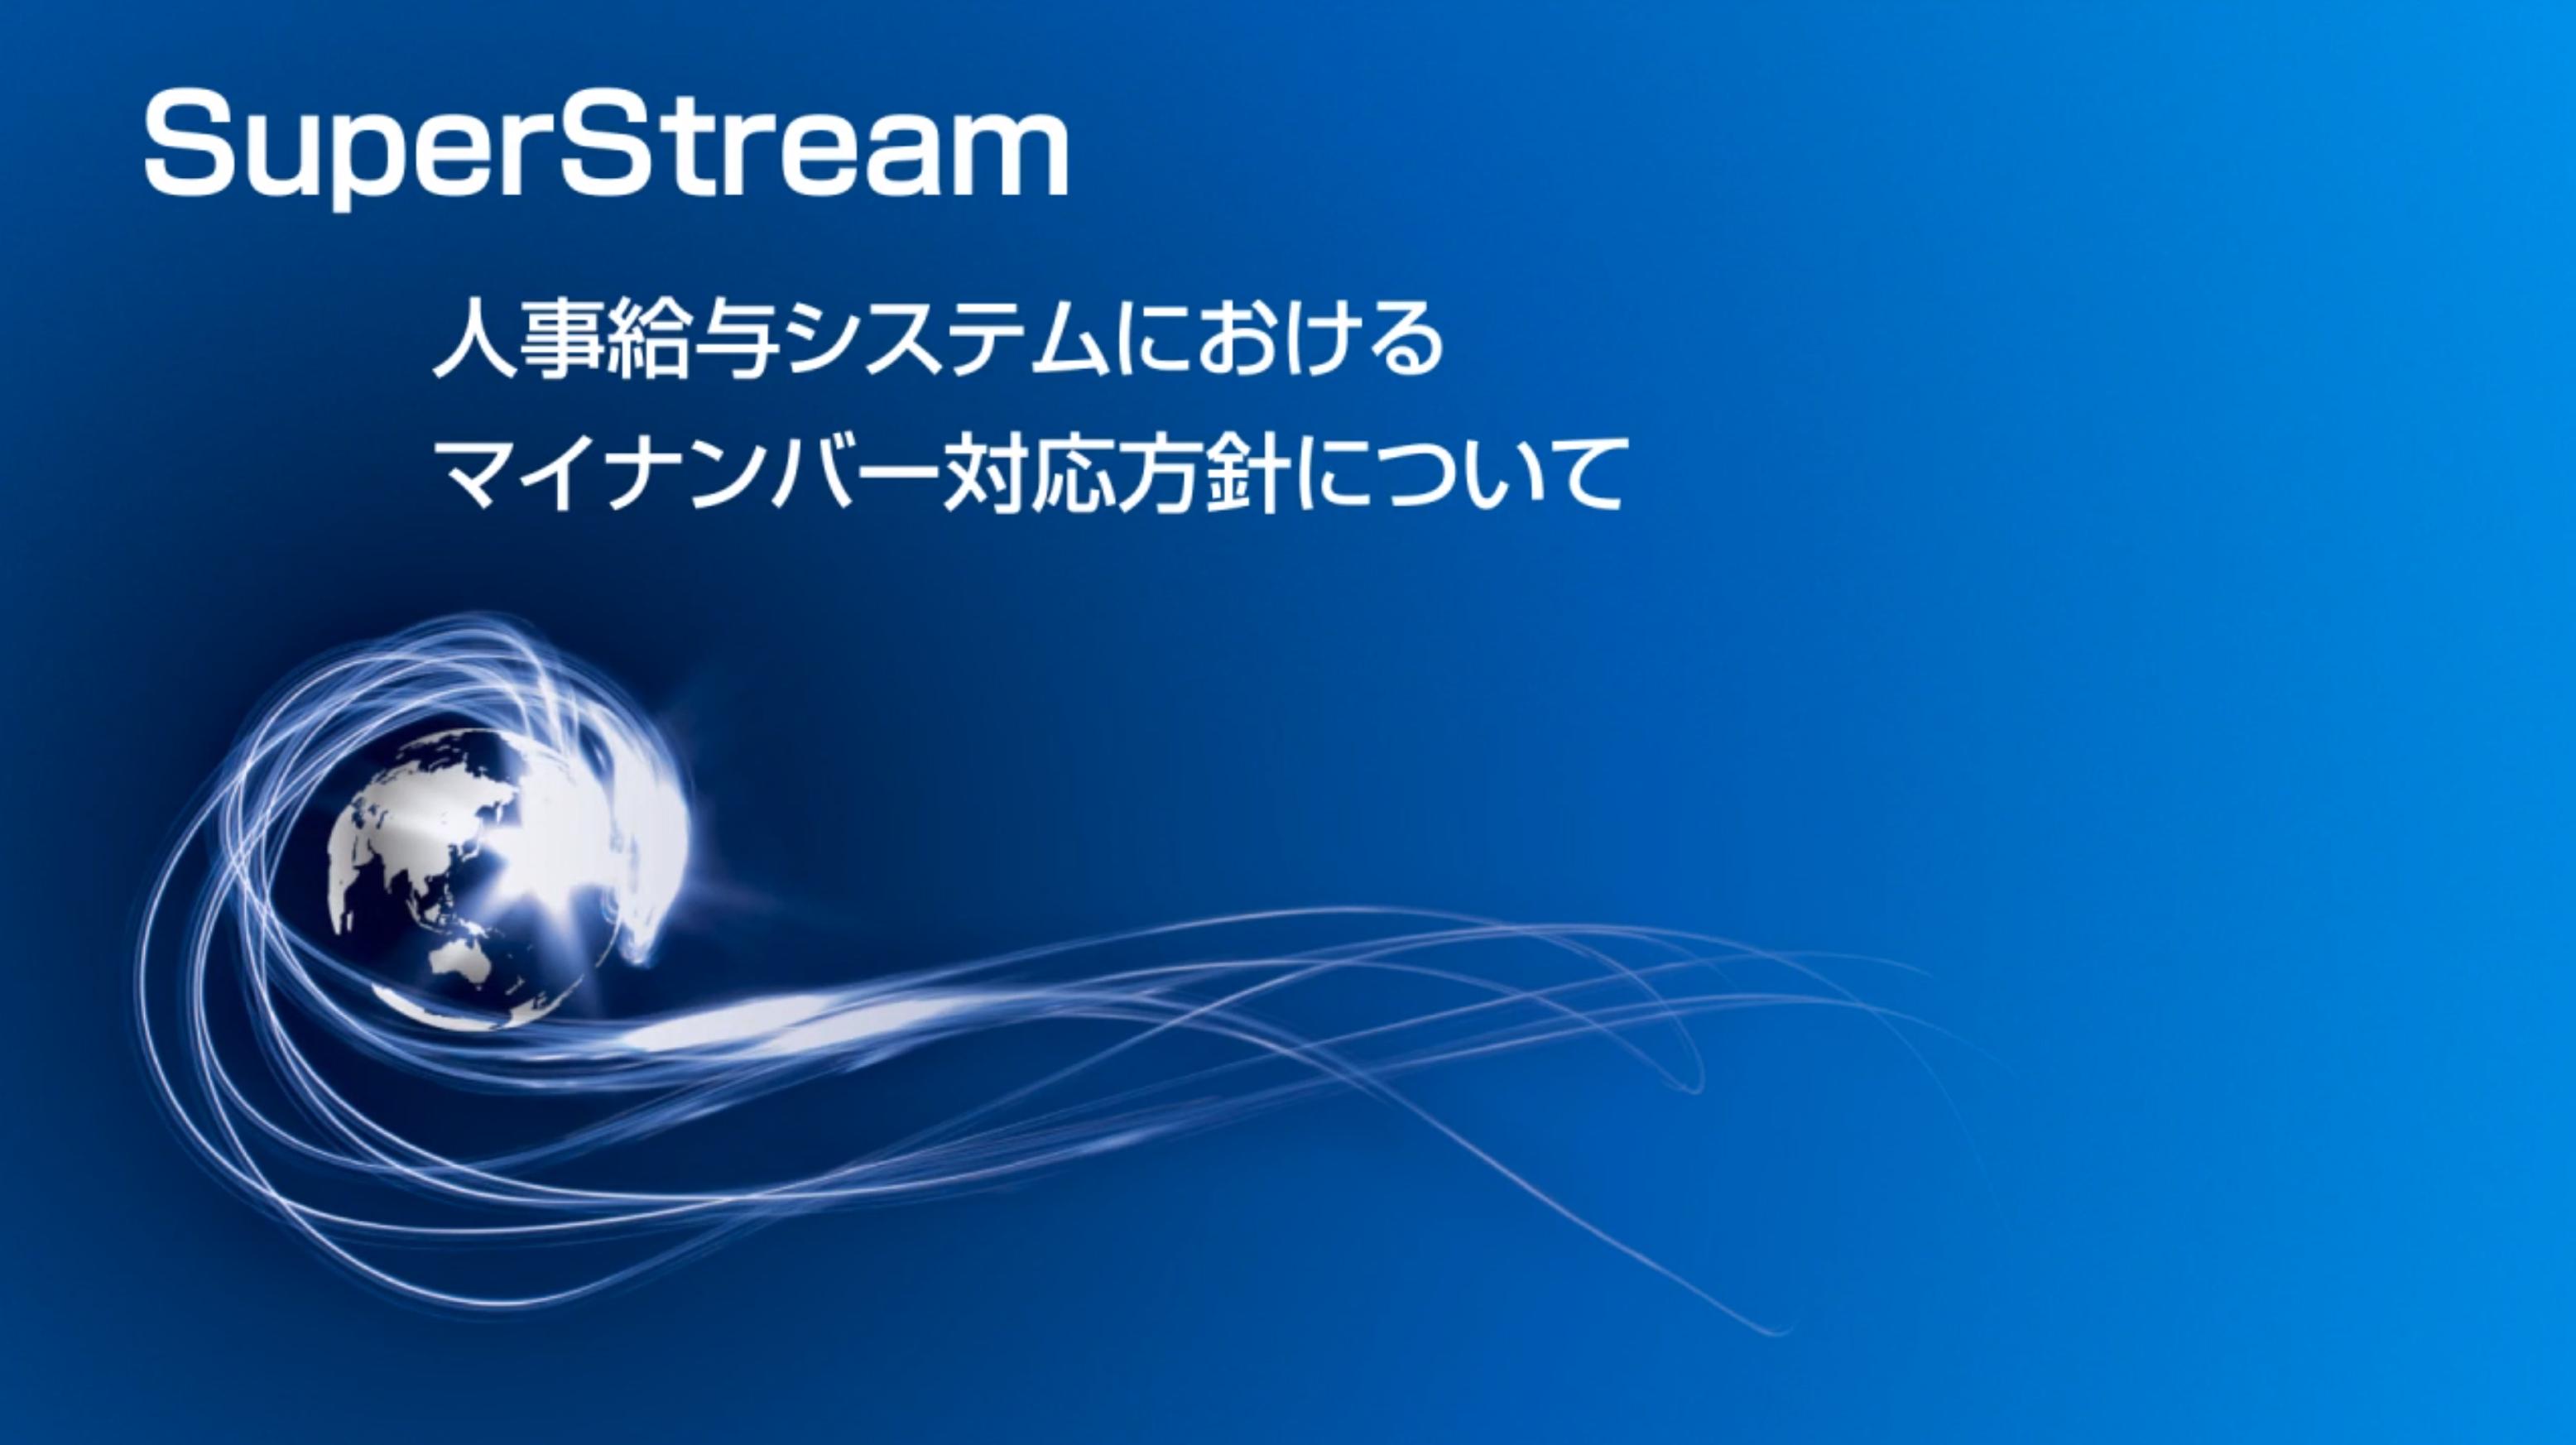 SuperStream人事給与システムにおけるマイナンバー対応方針